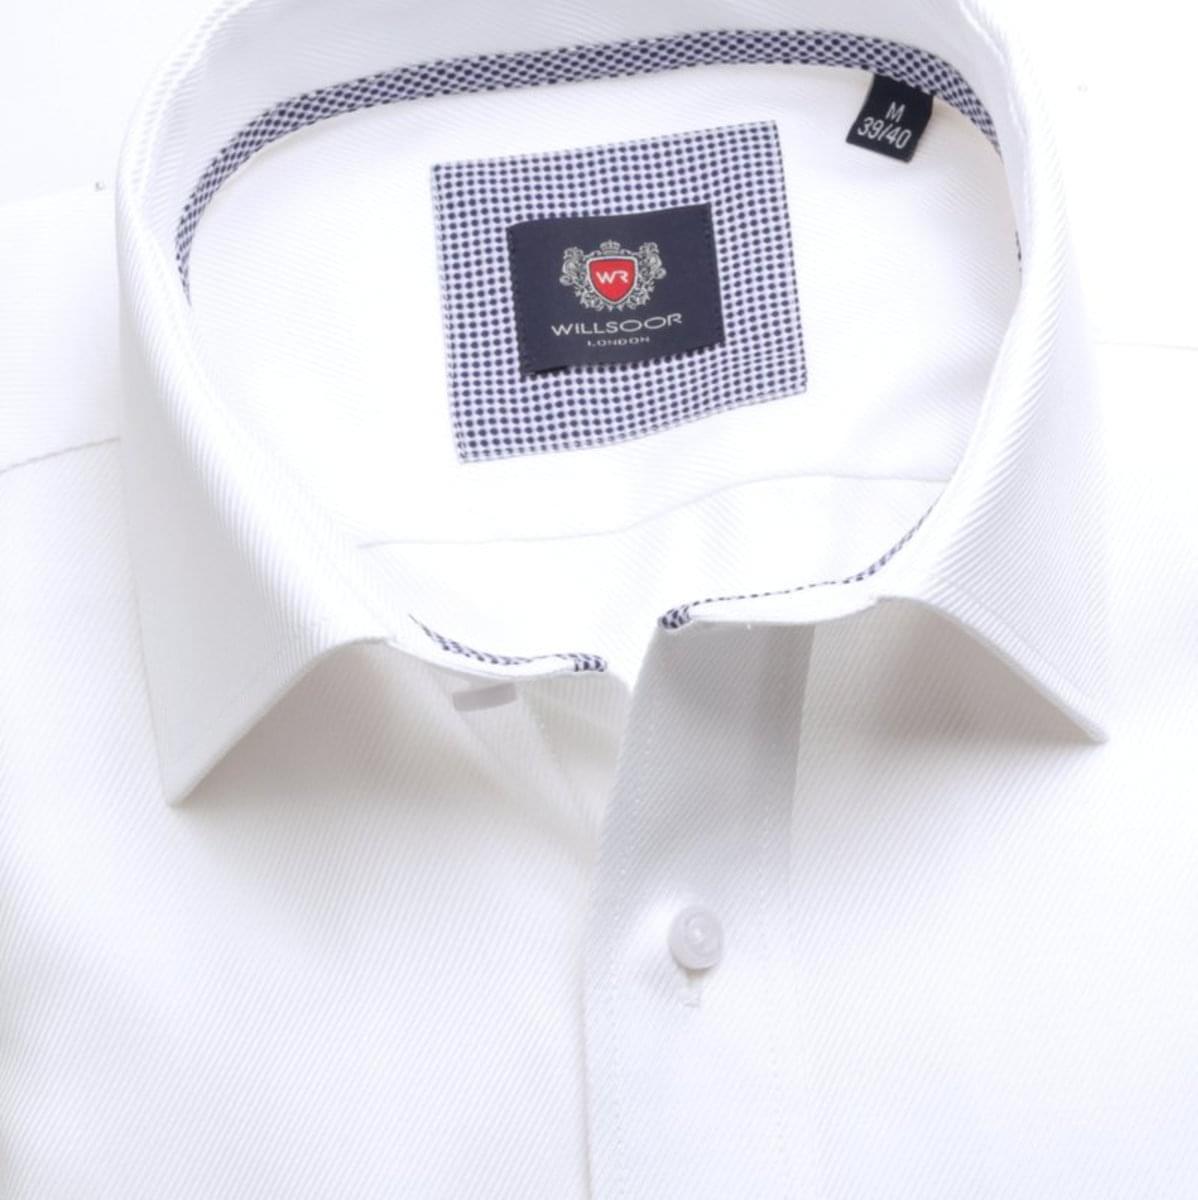 Pánská klasická košile London (výška 176-182) 7427 bílé barvě 176-182 / XL (43/44)